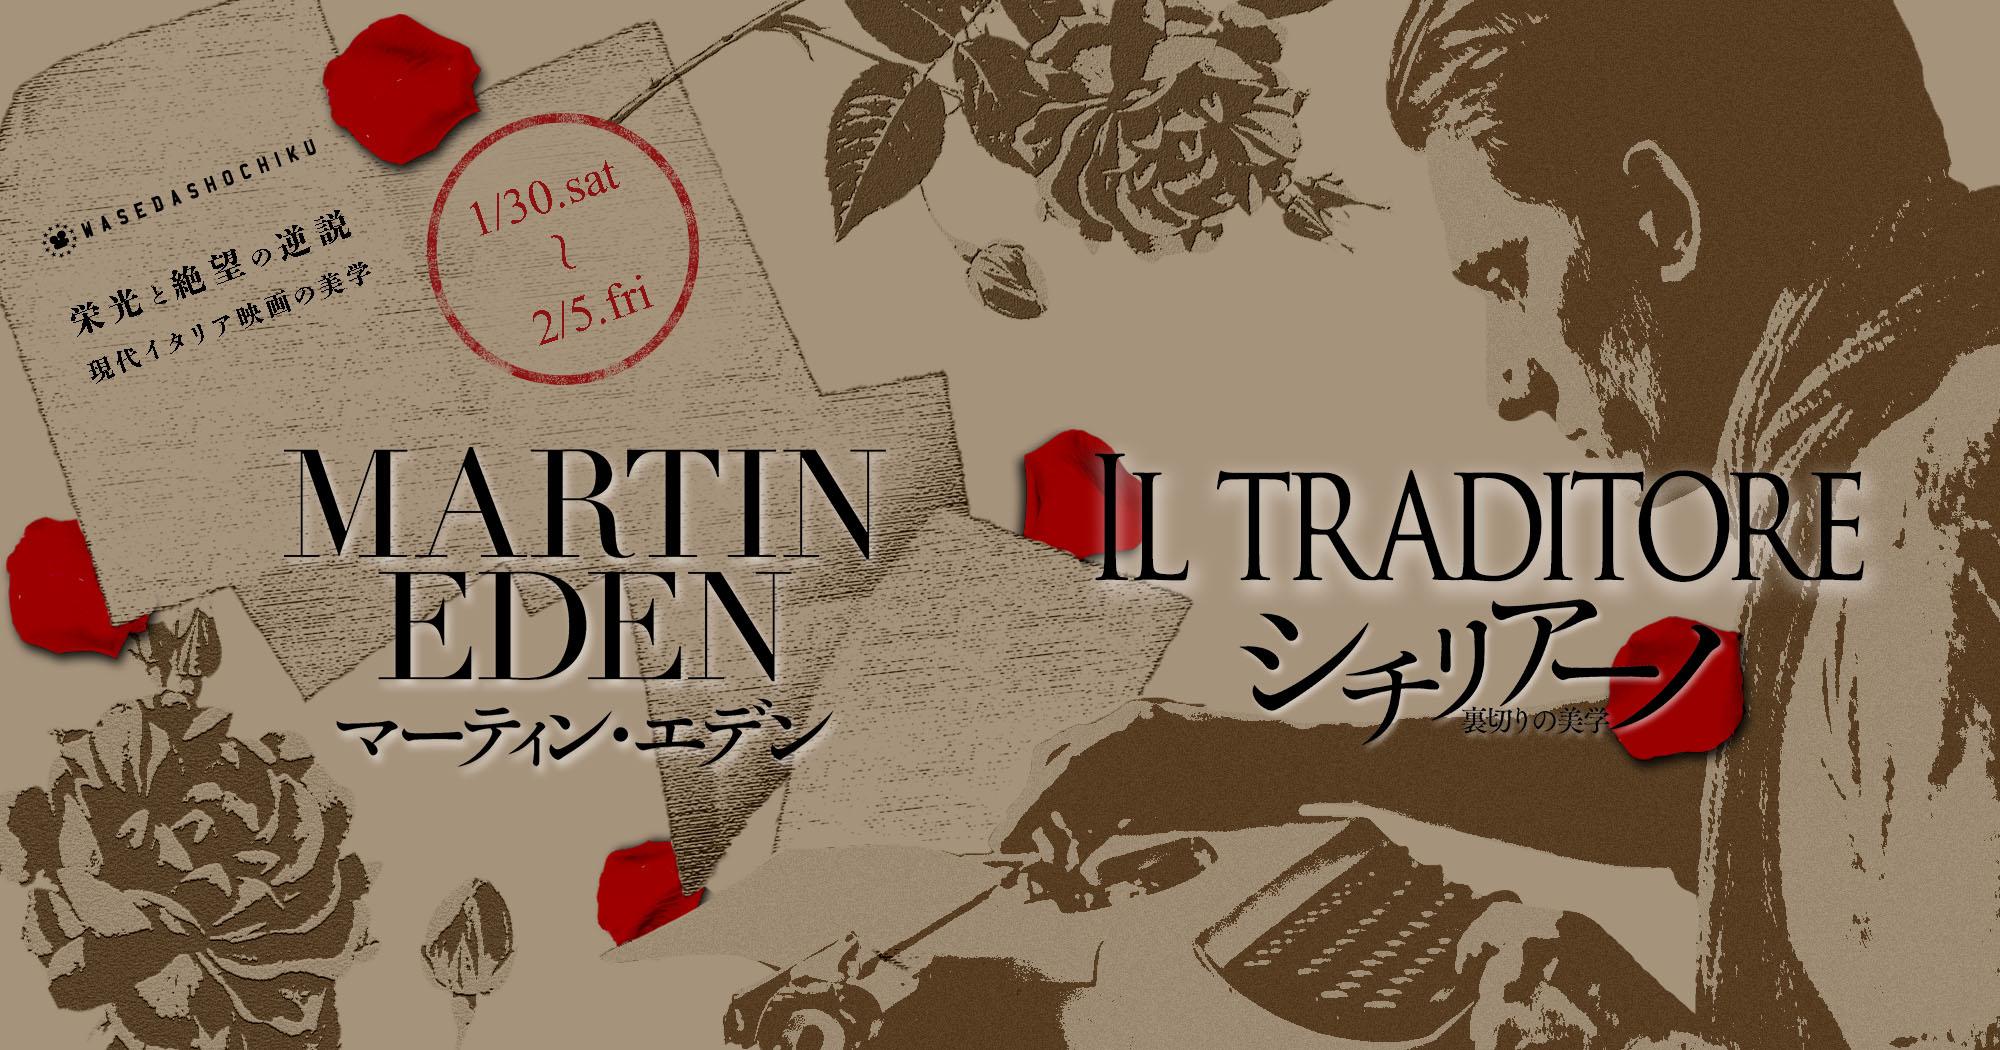 マーティン・エデン』『シチリアーノ 裏切りの美学』 | 早稲田松竹 ...